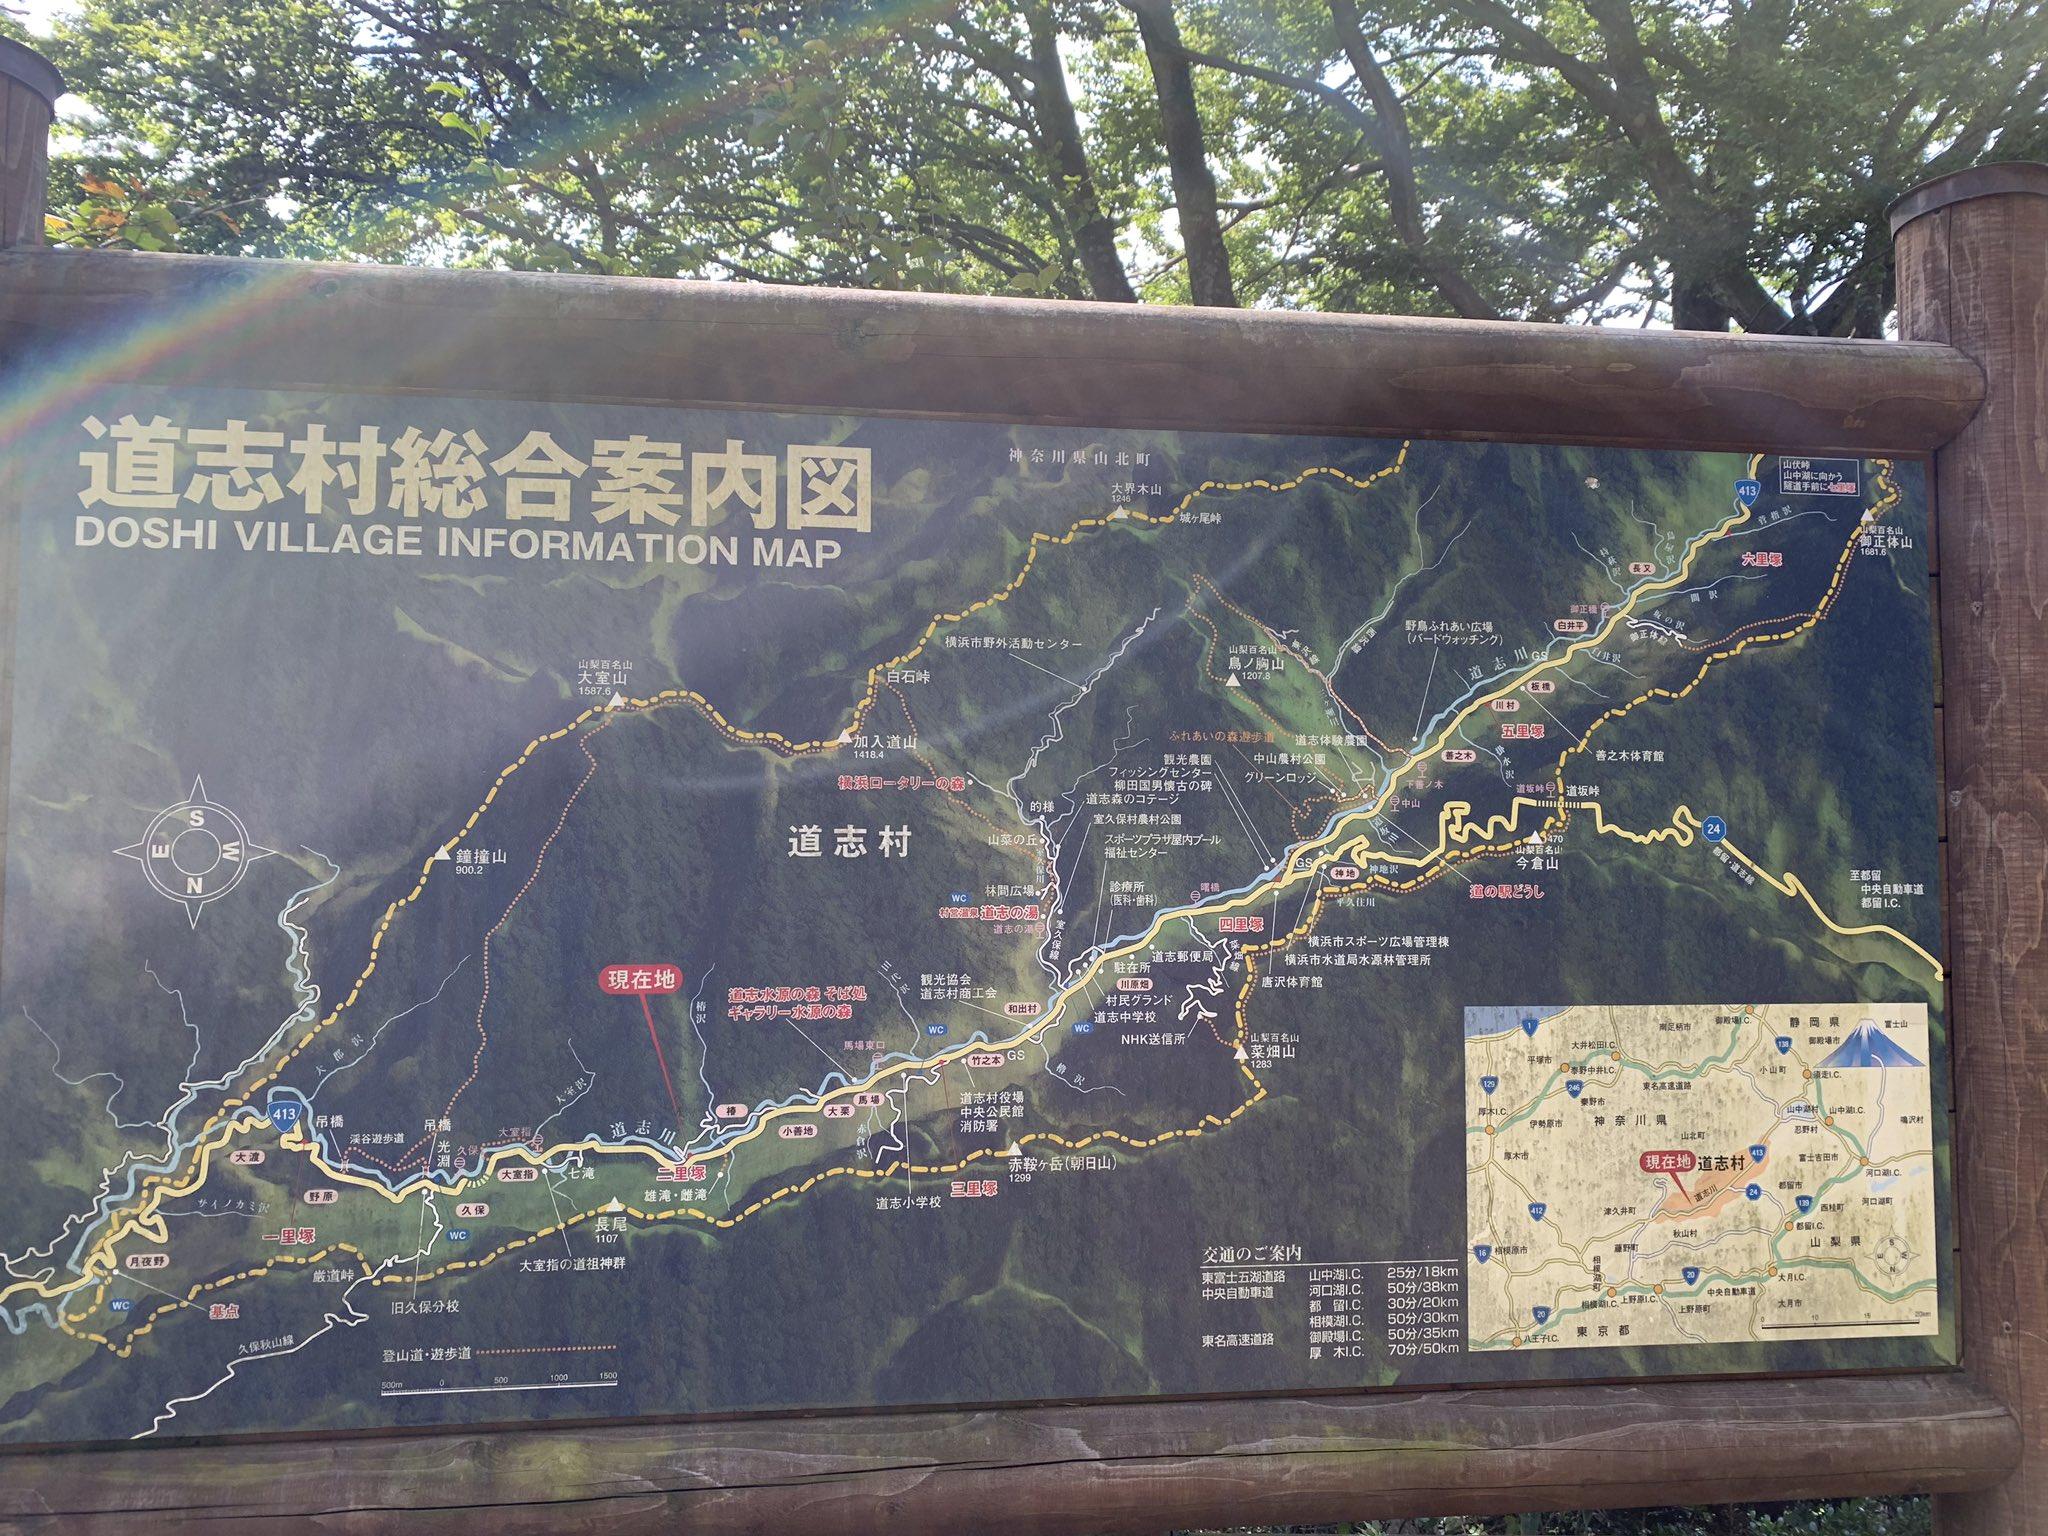 志村 女児 キャンプ 場 不明 山梨 の 県道